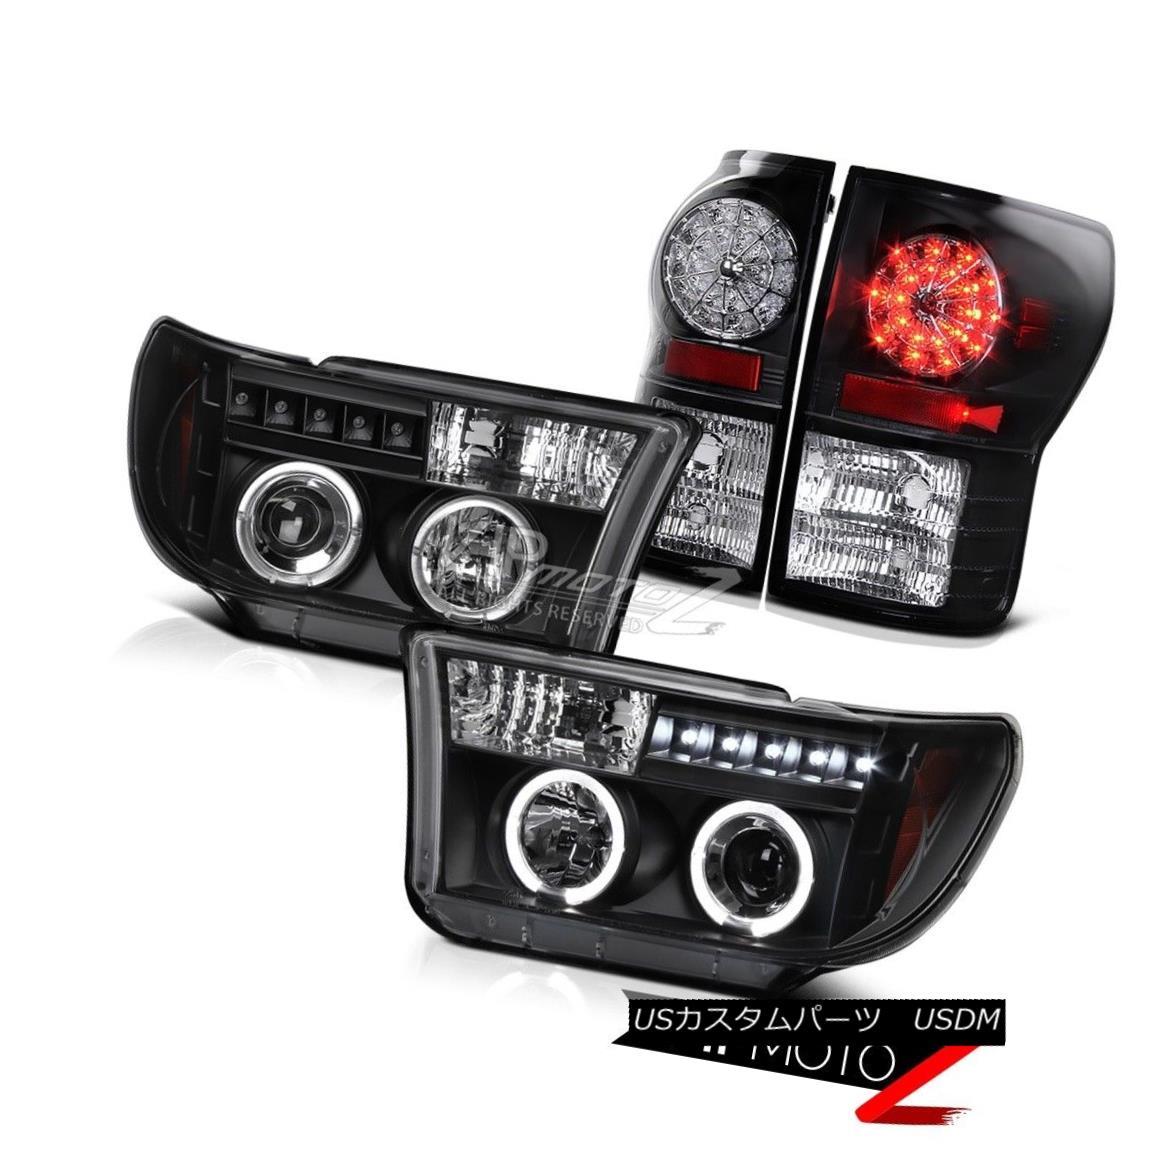 テールライト 07-13 Toyota Tundra TRD Black Halo Projector Headlight+LED Tail Lamp 4PCS COMBO 07-13トヨタトンドラTRDブラックハロープロジェクターヘッドライト+ LEDテールランプ4PCS COMBO